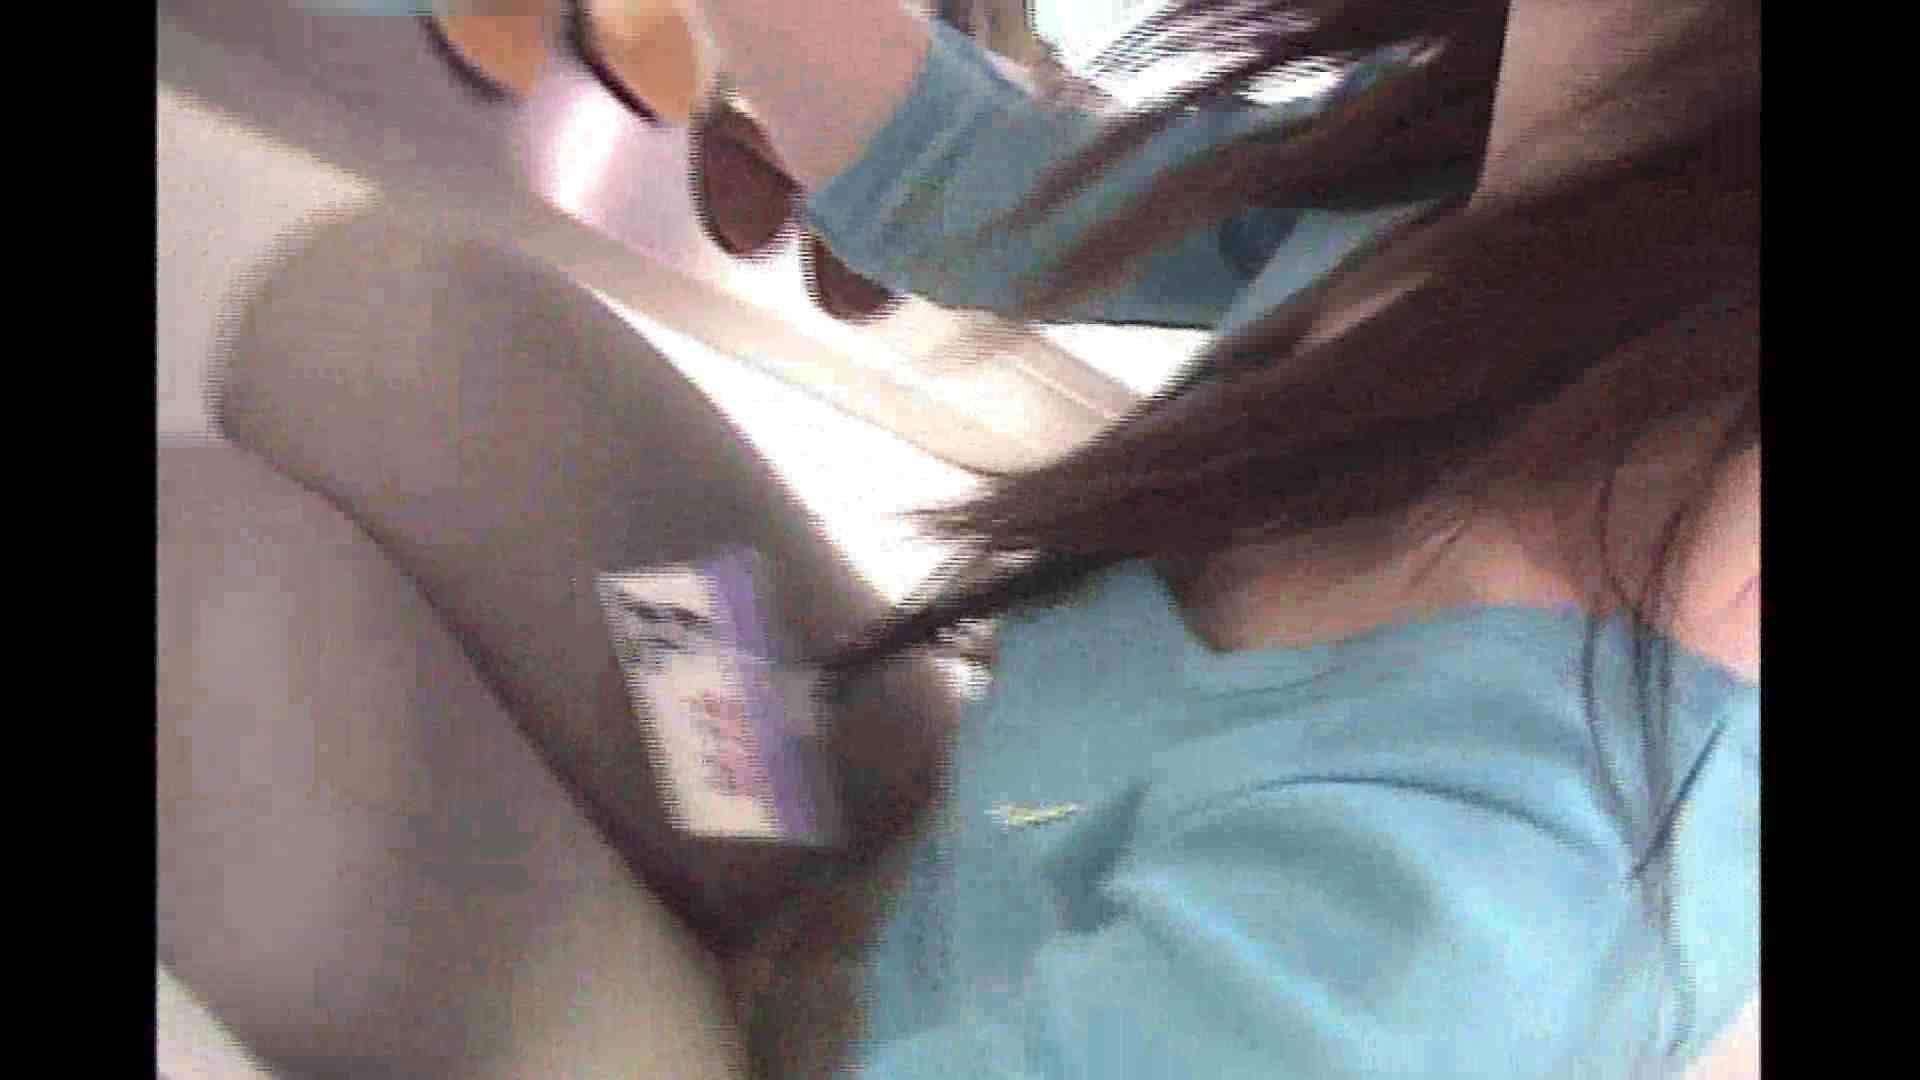 働く美女の谷間参拝 Vol.04 美女ヌード天国 オメコ動画キャプチャ 61PIX 11